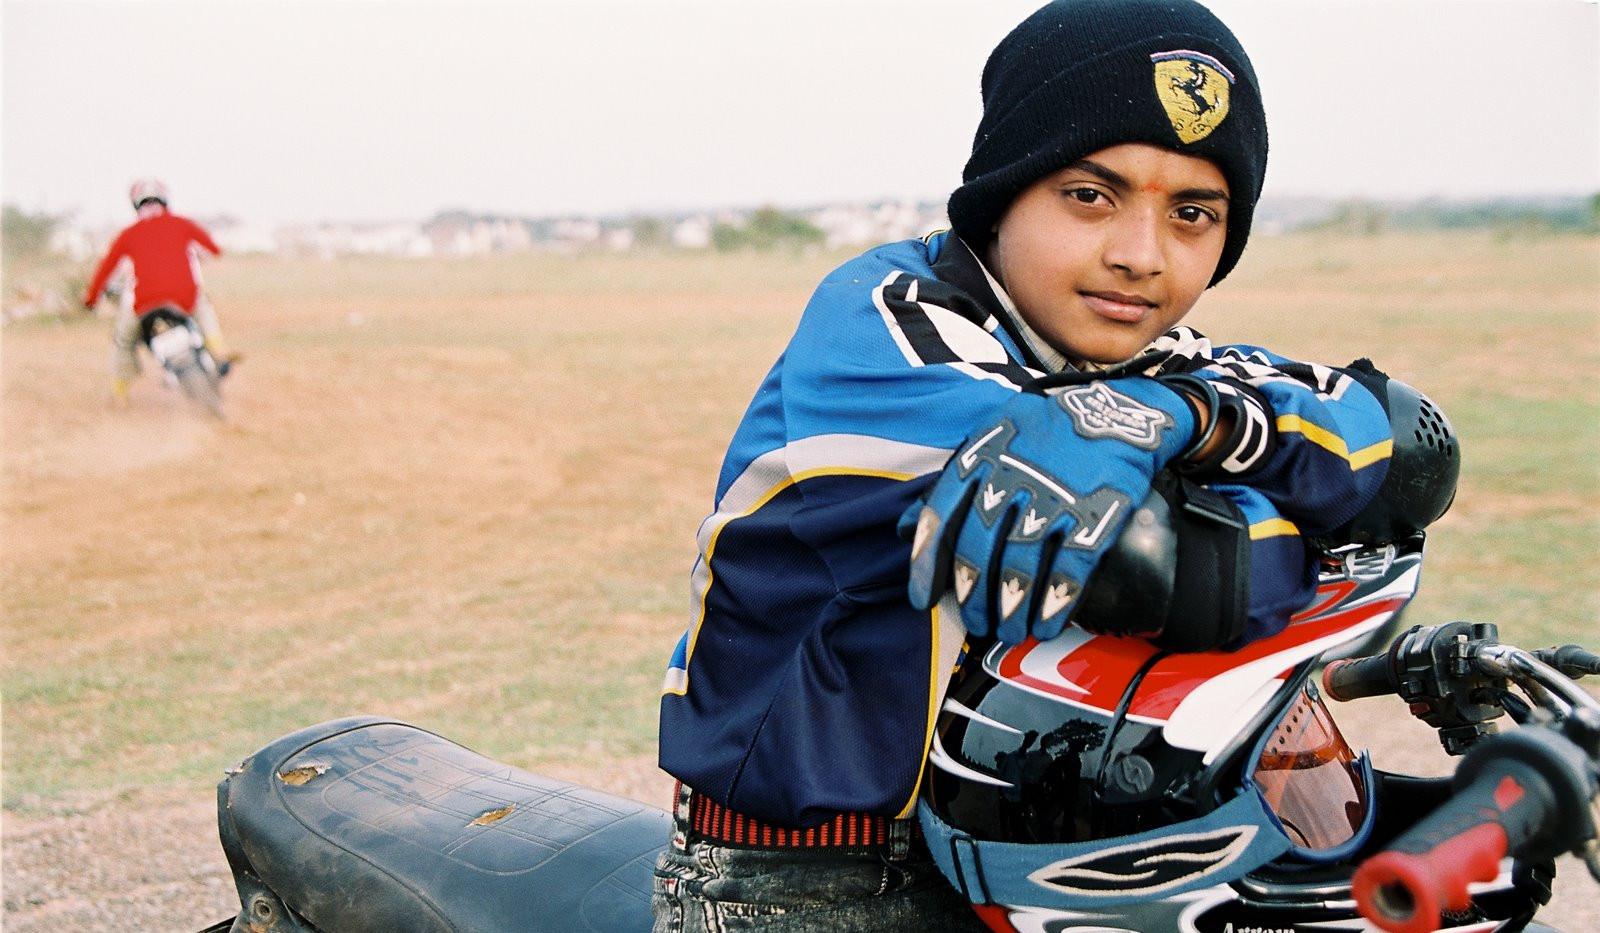 India, 2011